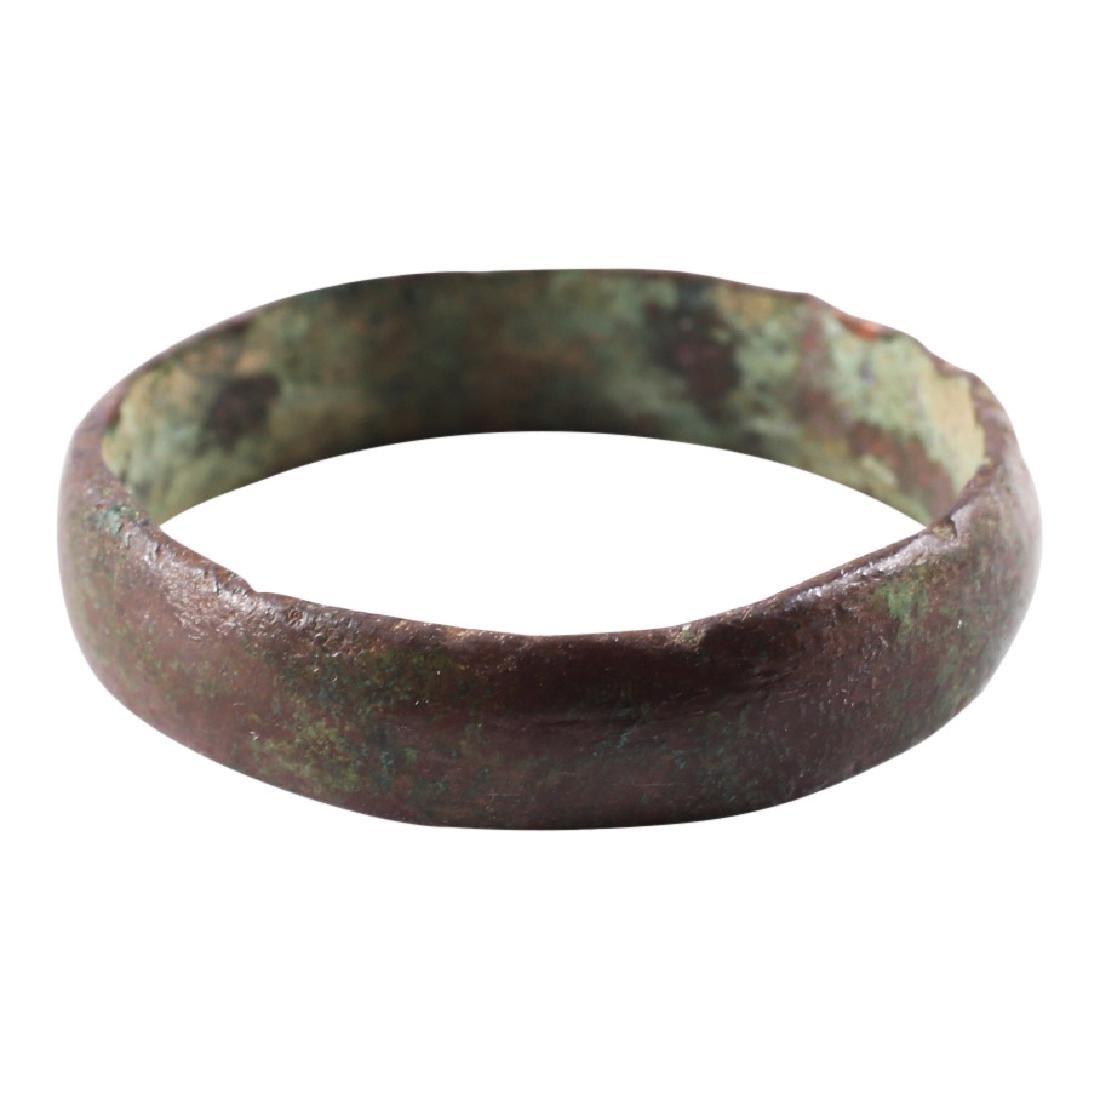 Viking Man's Wedding Ring, 850-1050